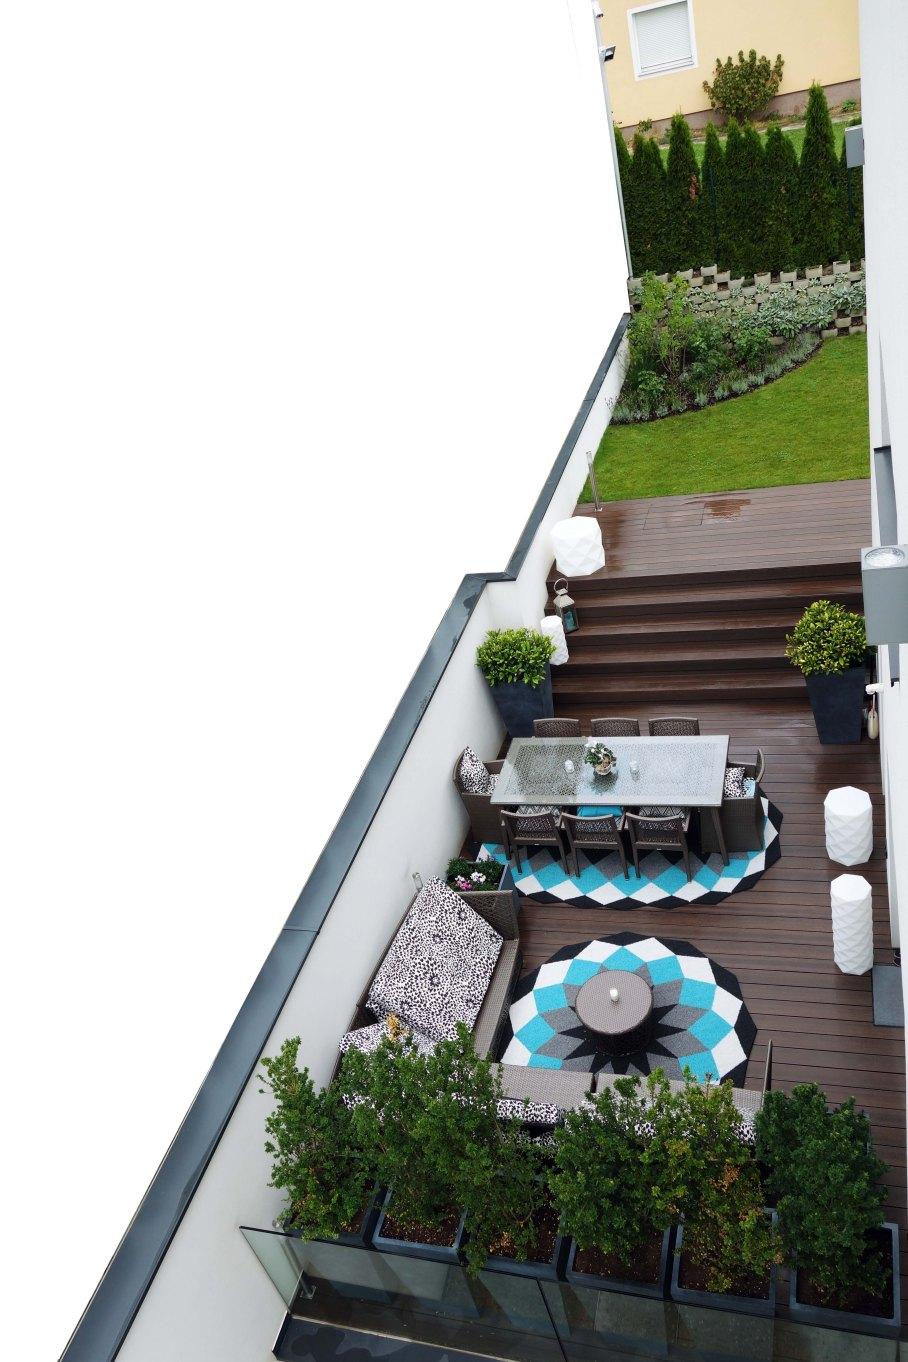 Pflanzgefäße auf Terrasse_02_kl